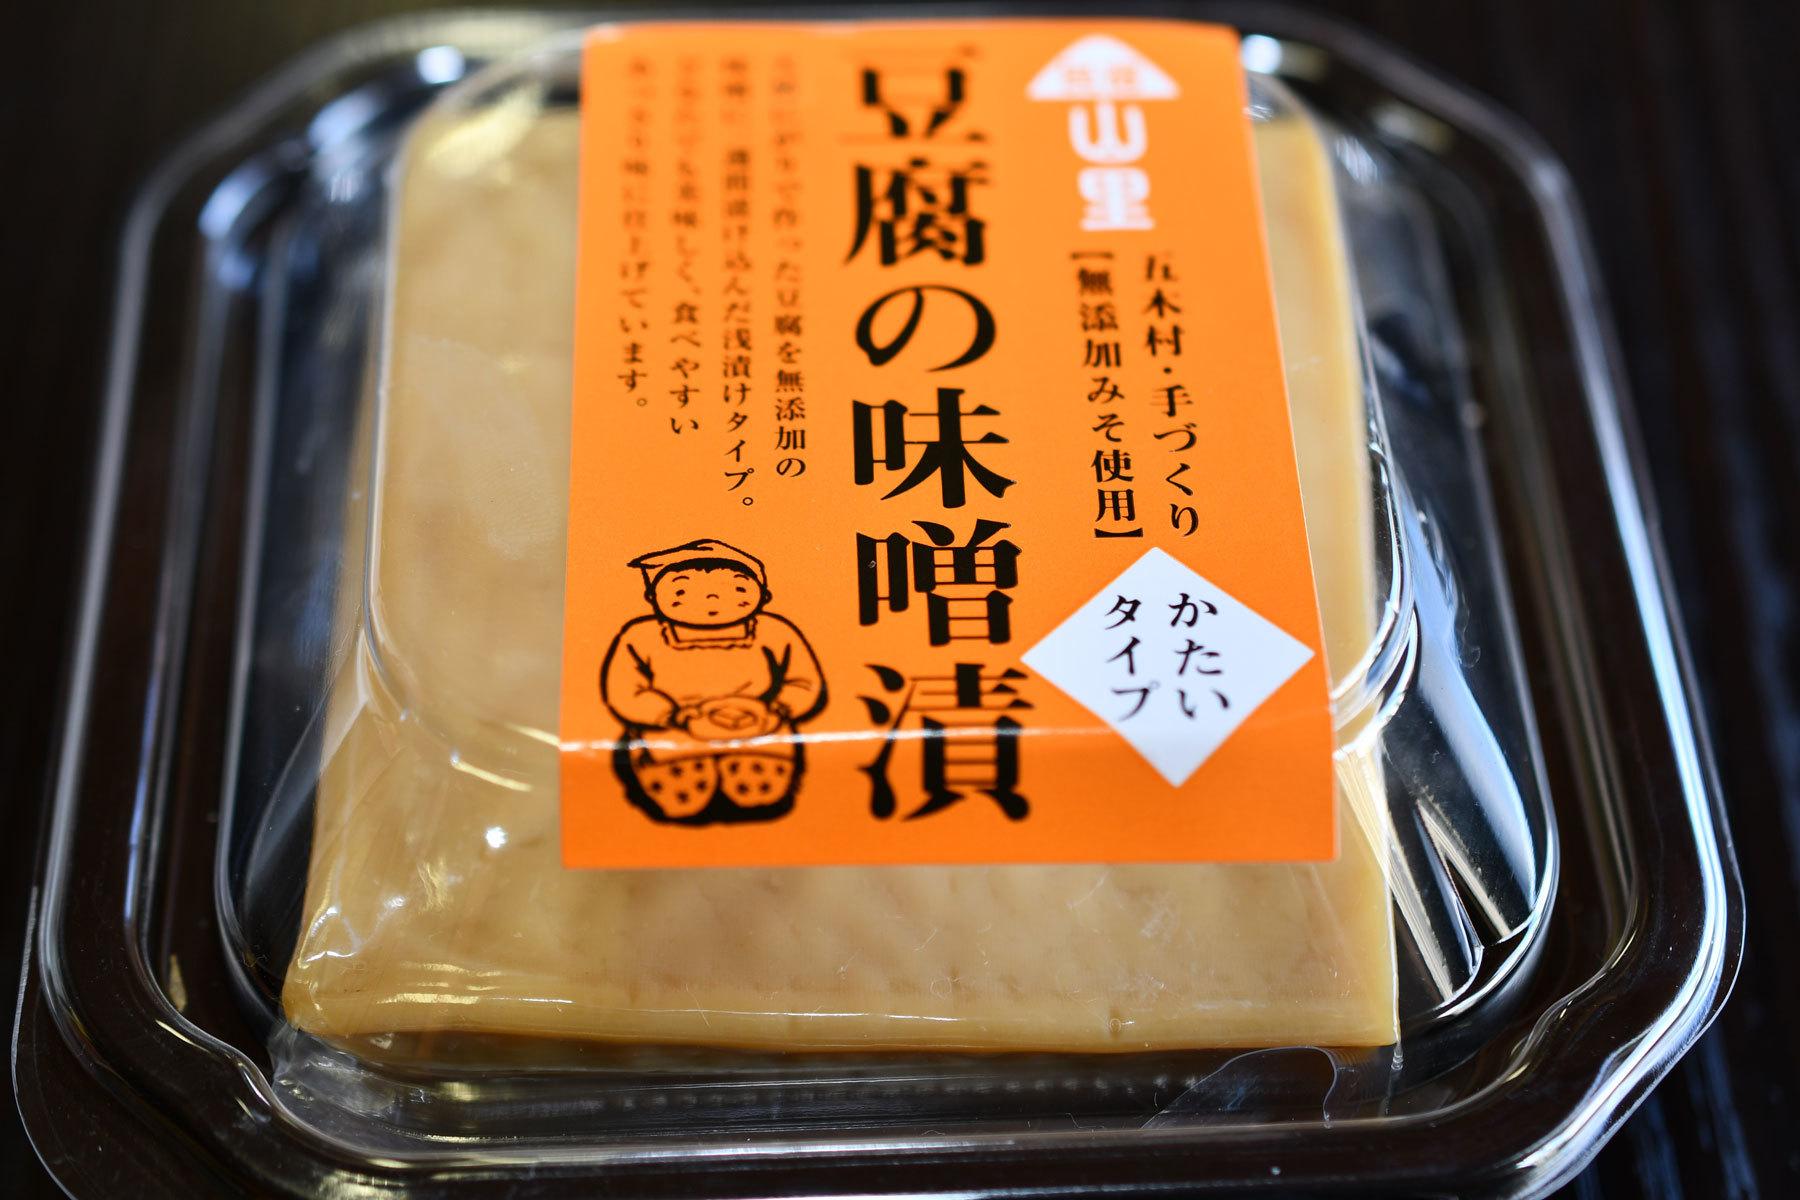 豆腐の味噌漬け - 画像3